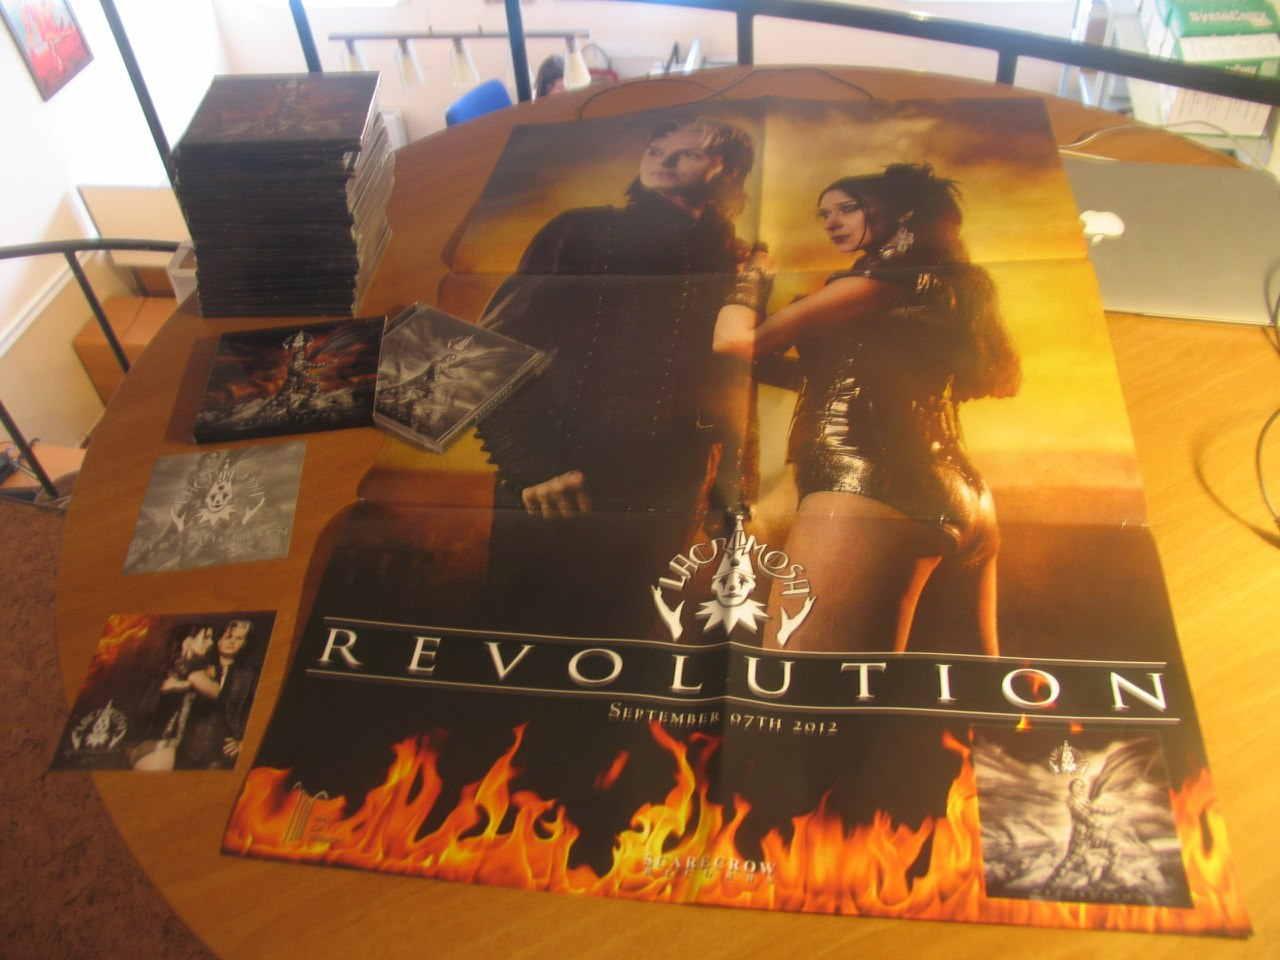 Первый заказ в Мексике. Цветное коллекционное издание Revolution от ScareCrow, полный комплект. Тираж 1000 штук